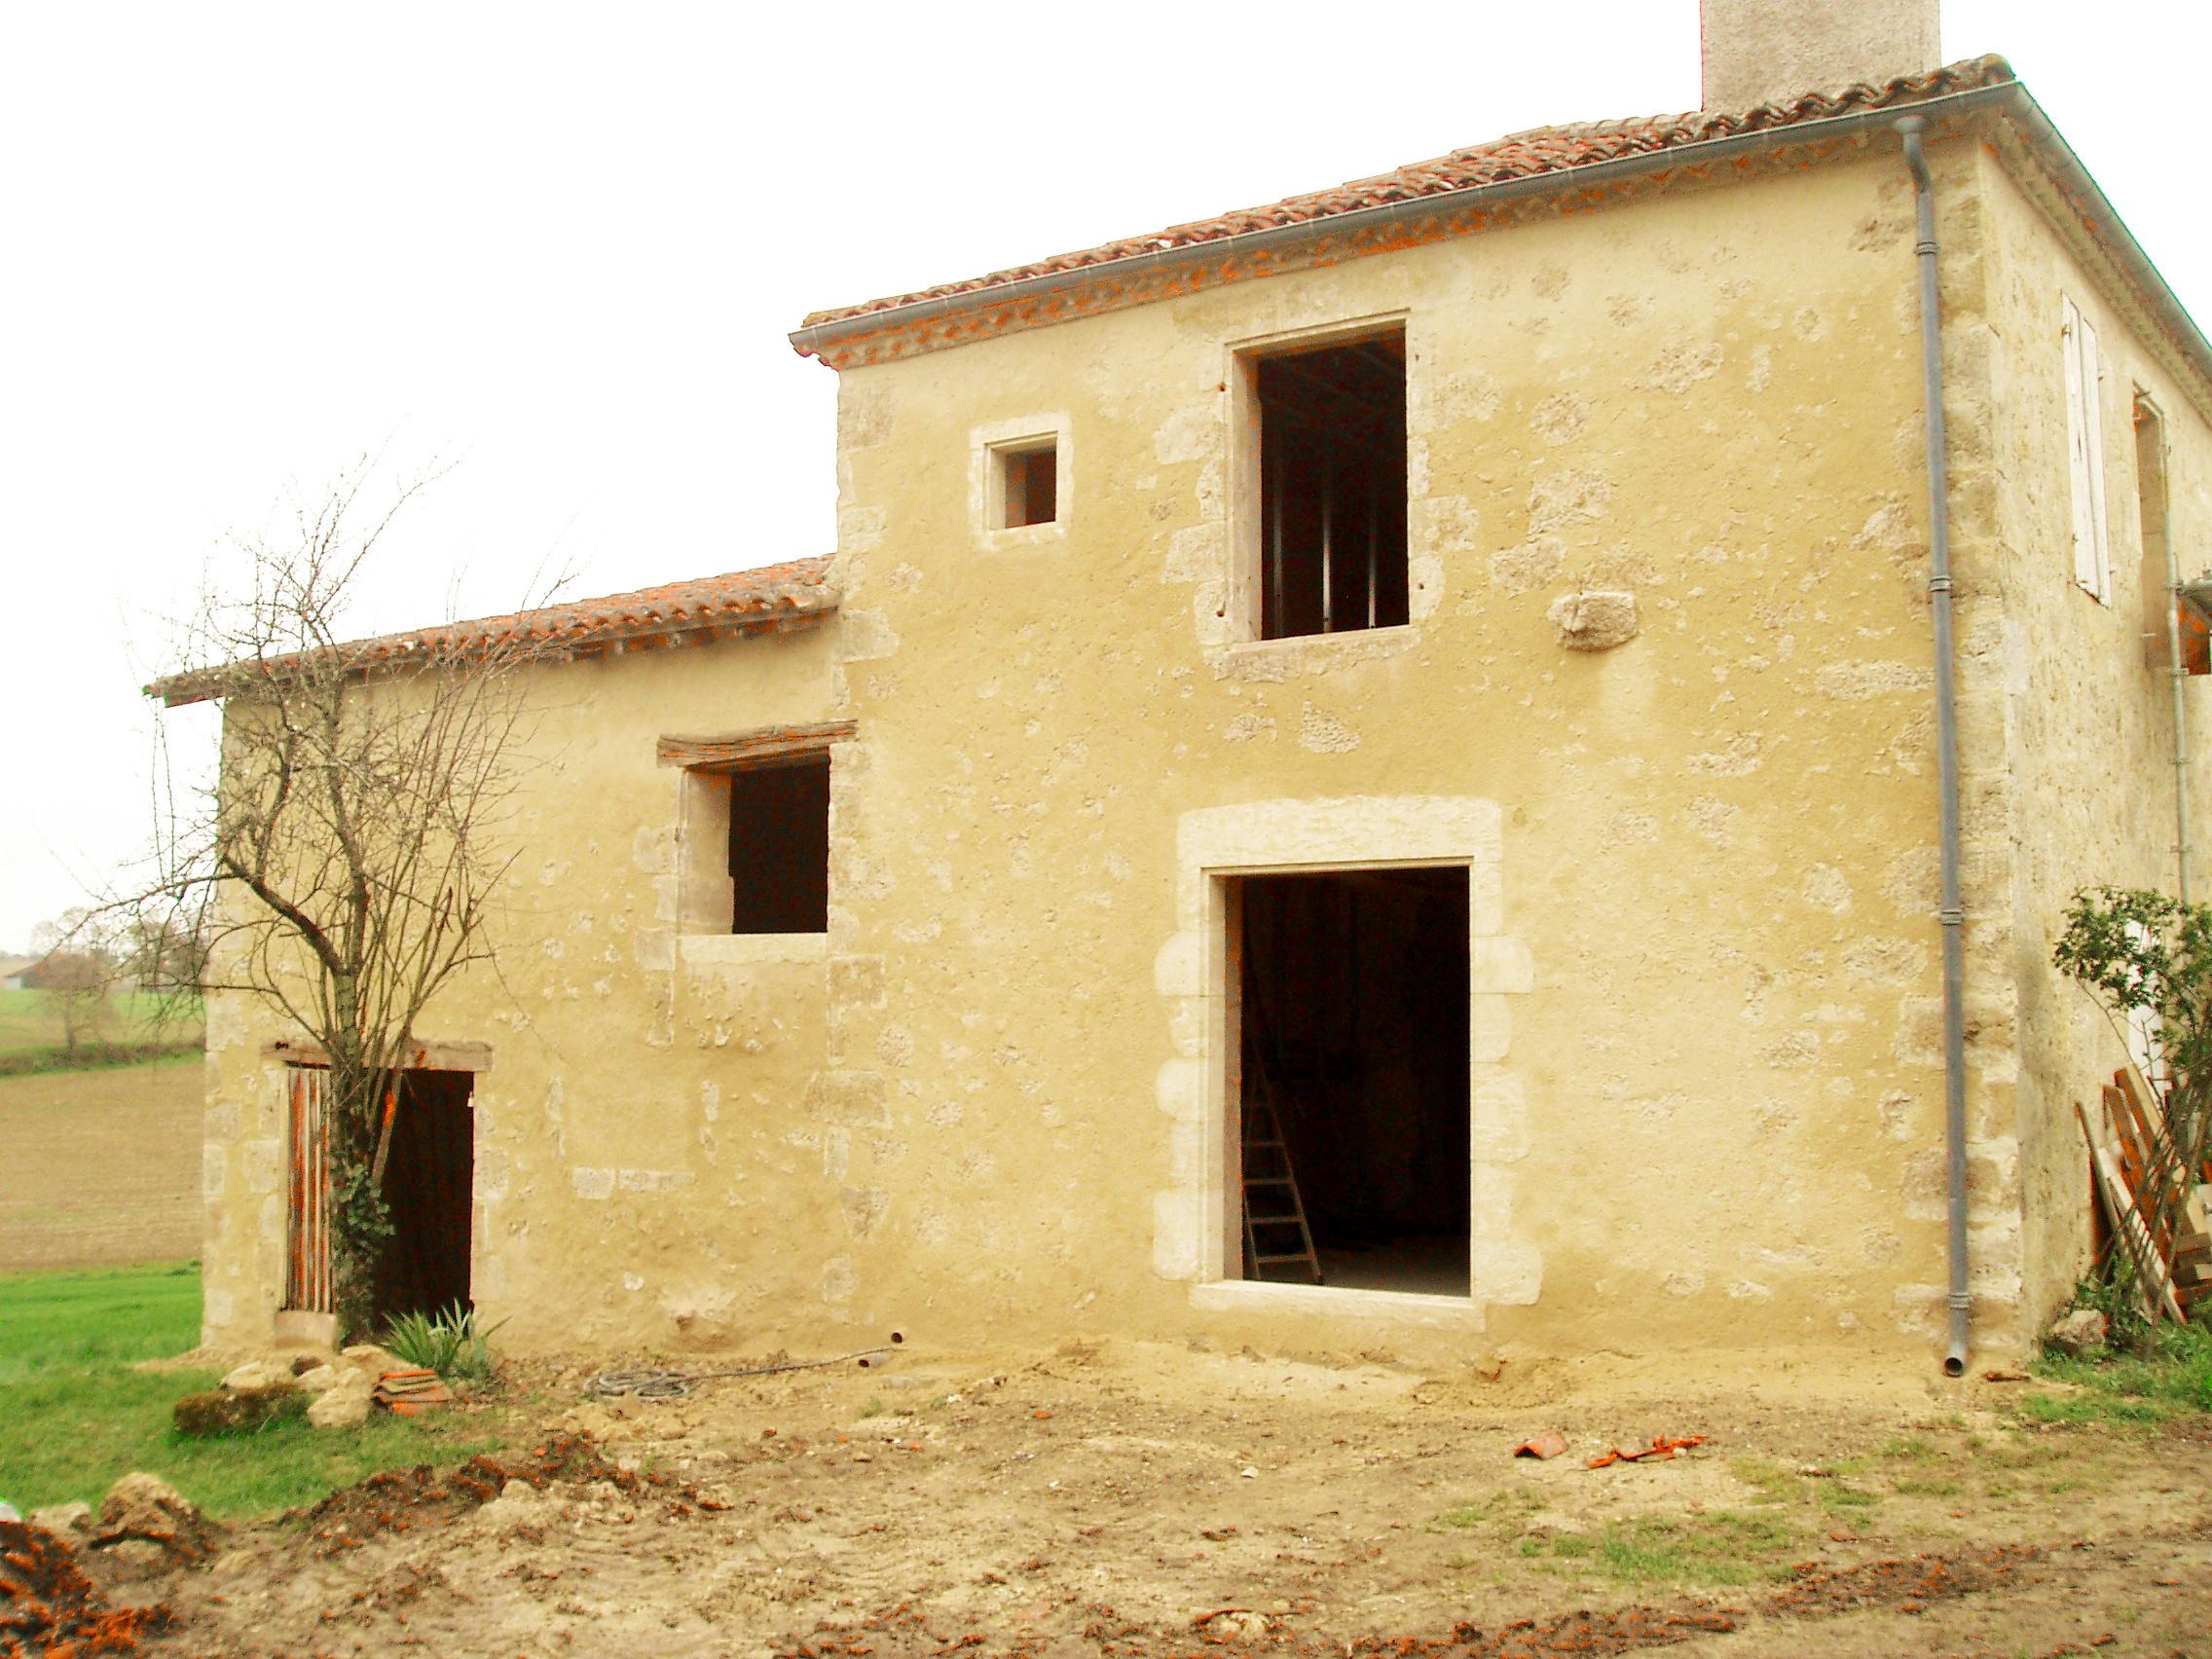 Rénovation façades Pierre Gers - enduits extérieurs et maçonnerie traditionnelle. Histoire de Pierres